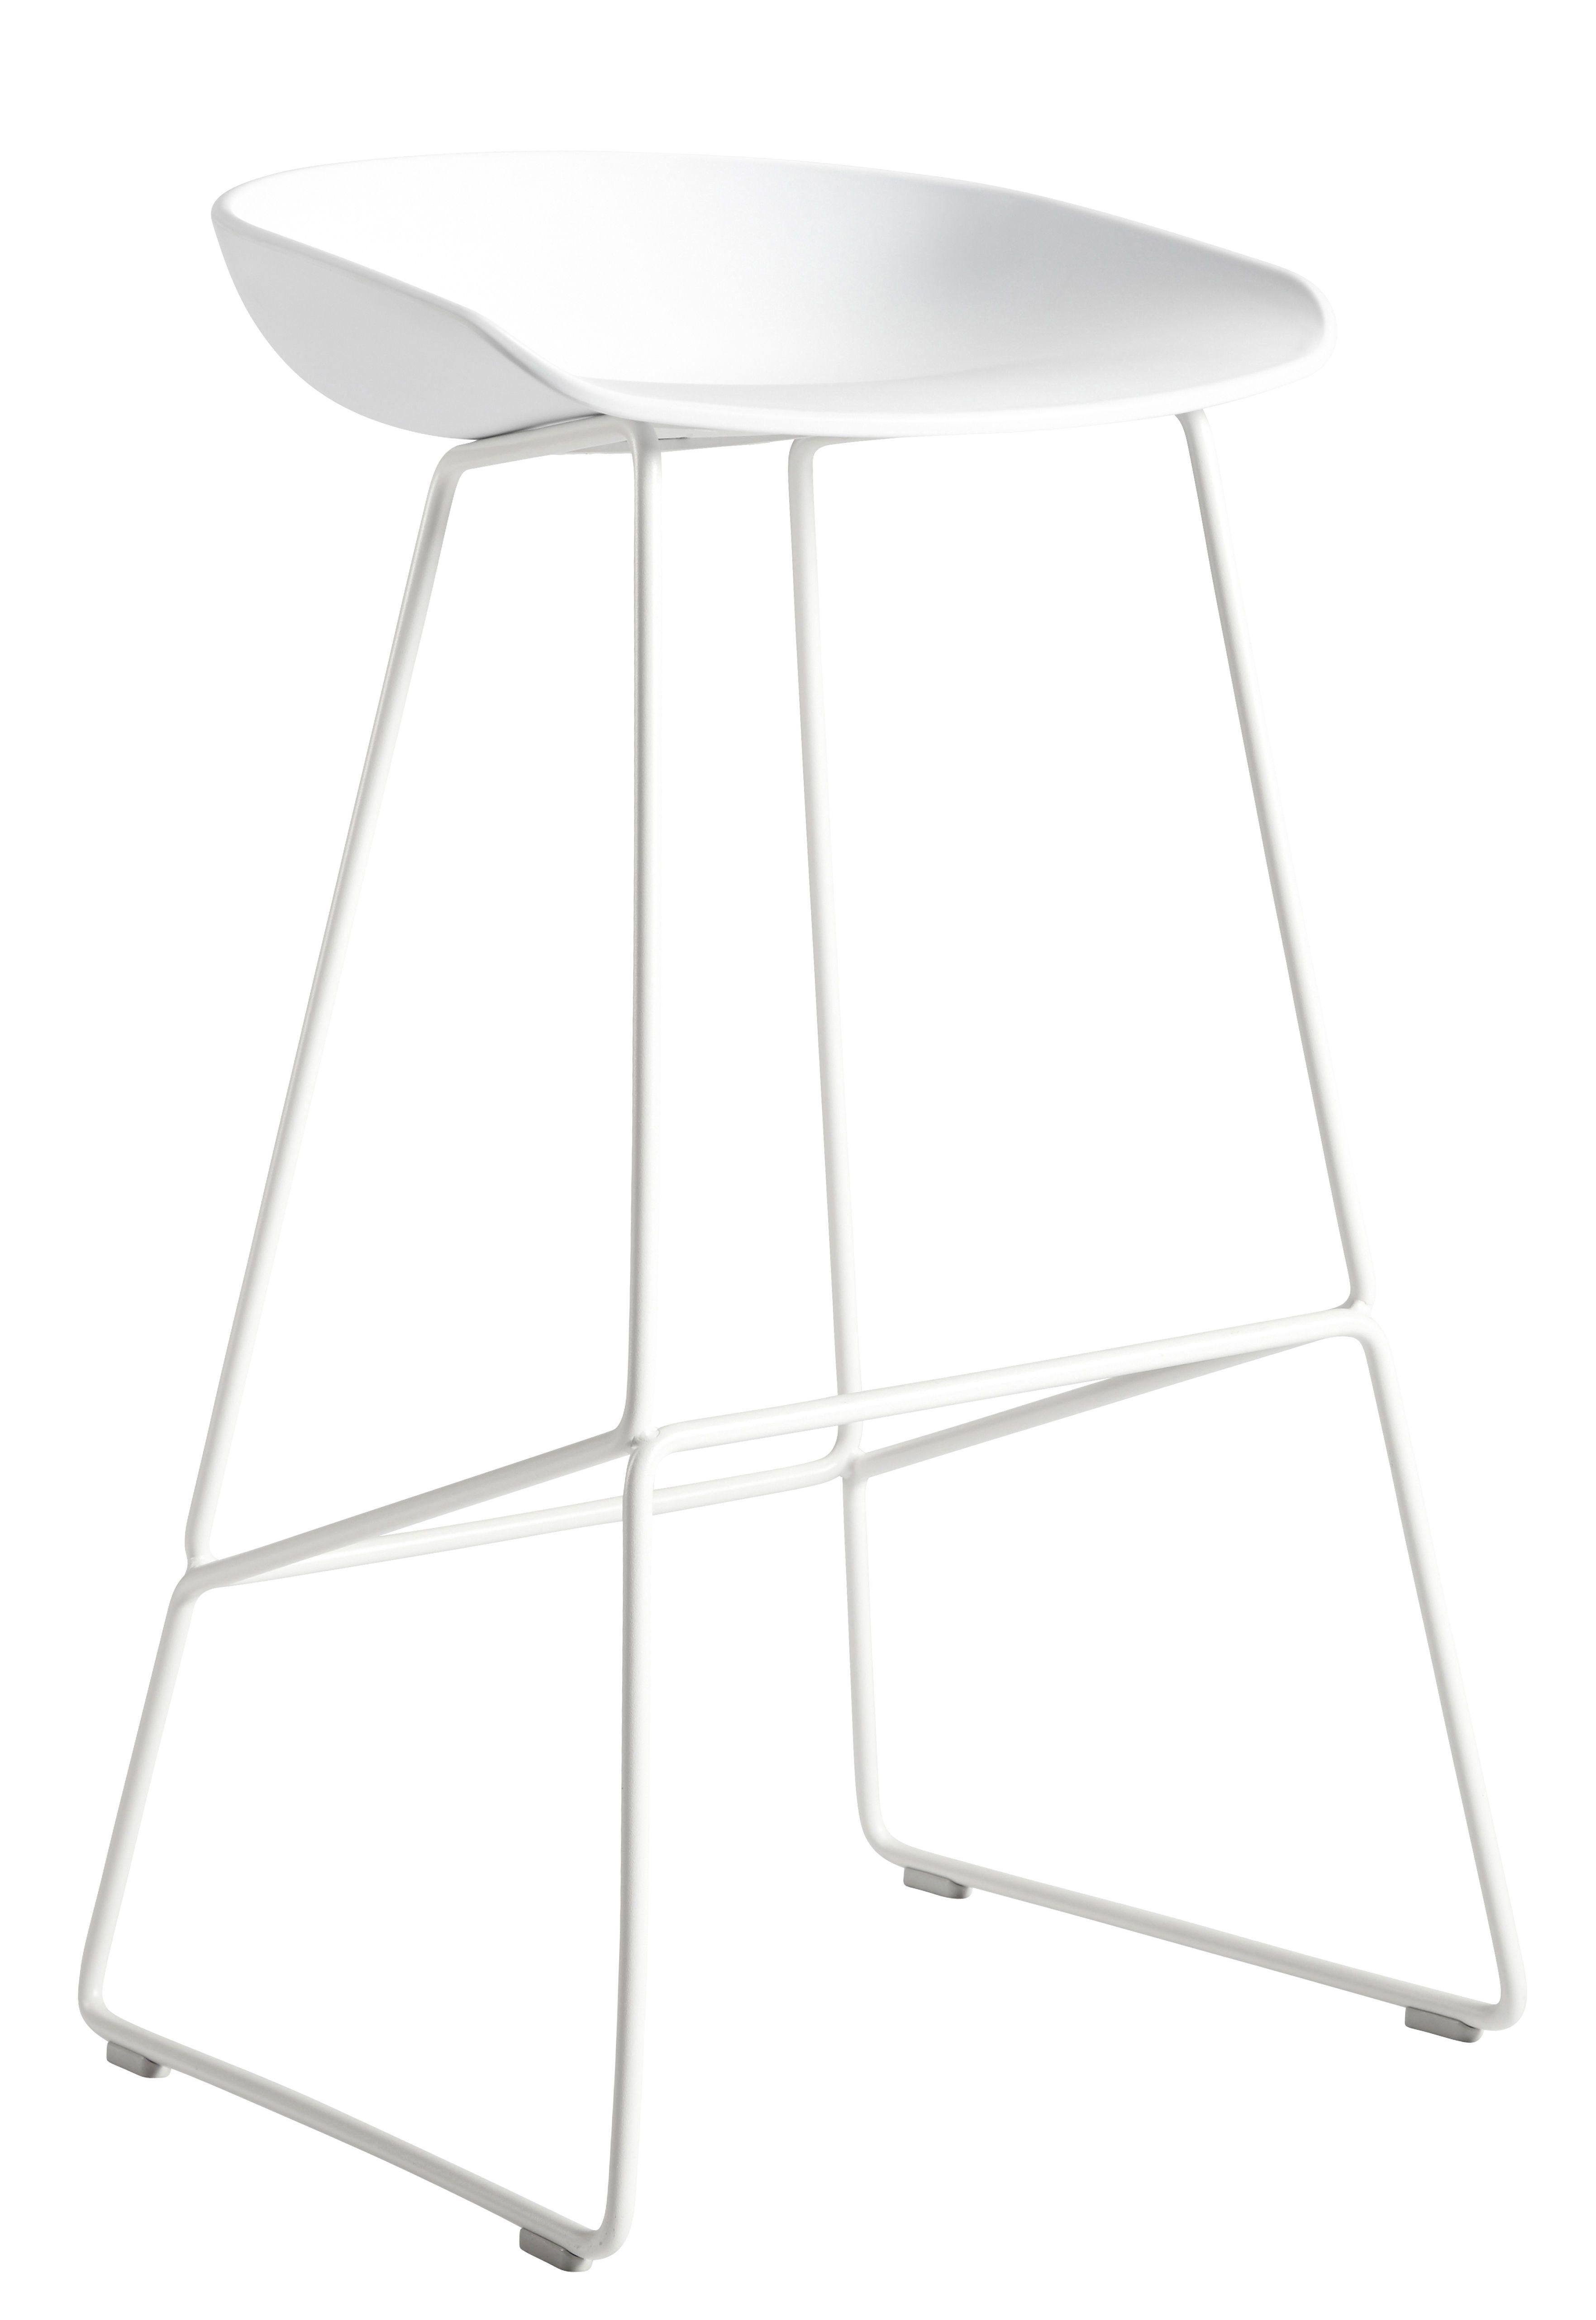 Tabouret de bar About a stool   H 65 cm - Piètement luge acier Blanc - Hay  - Décoration et mobilier design avec Made in Design 4904ee5f904d